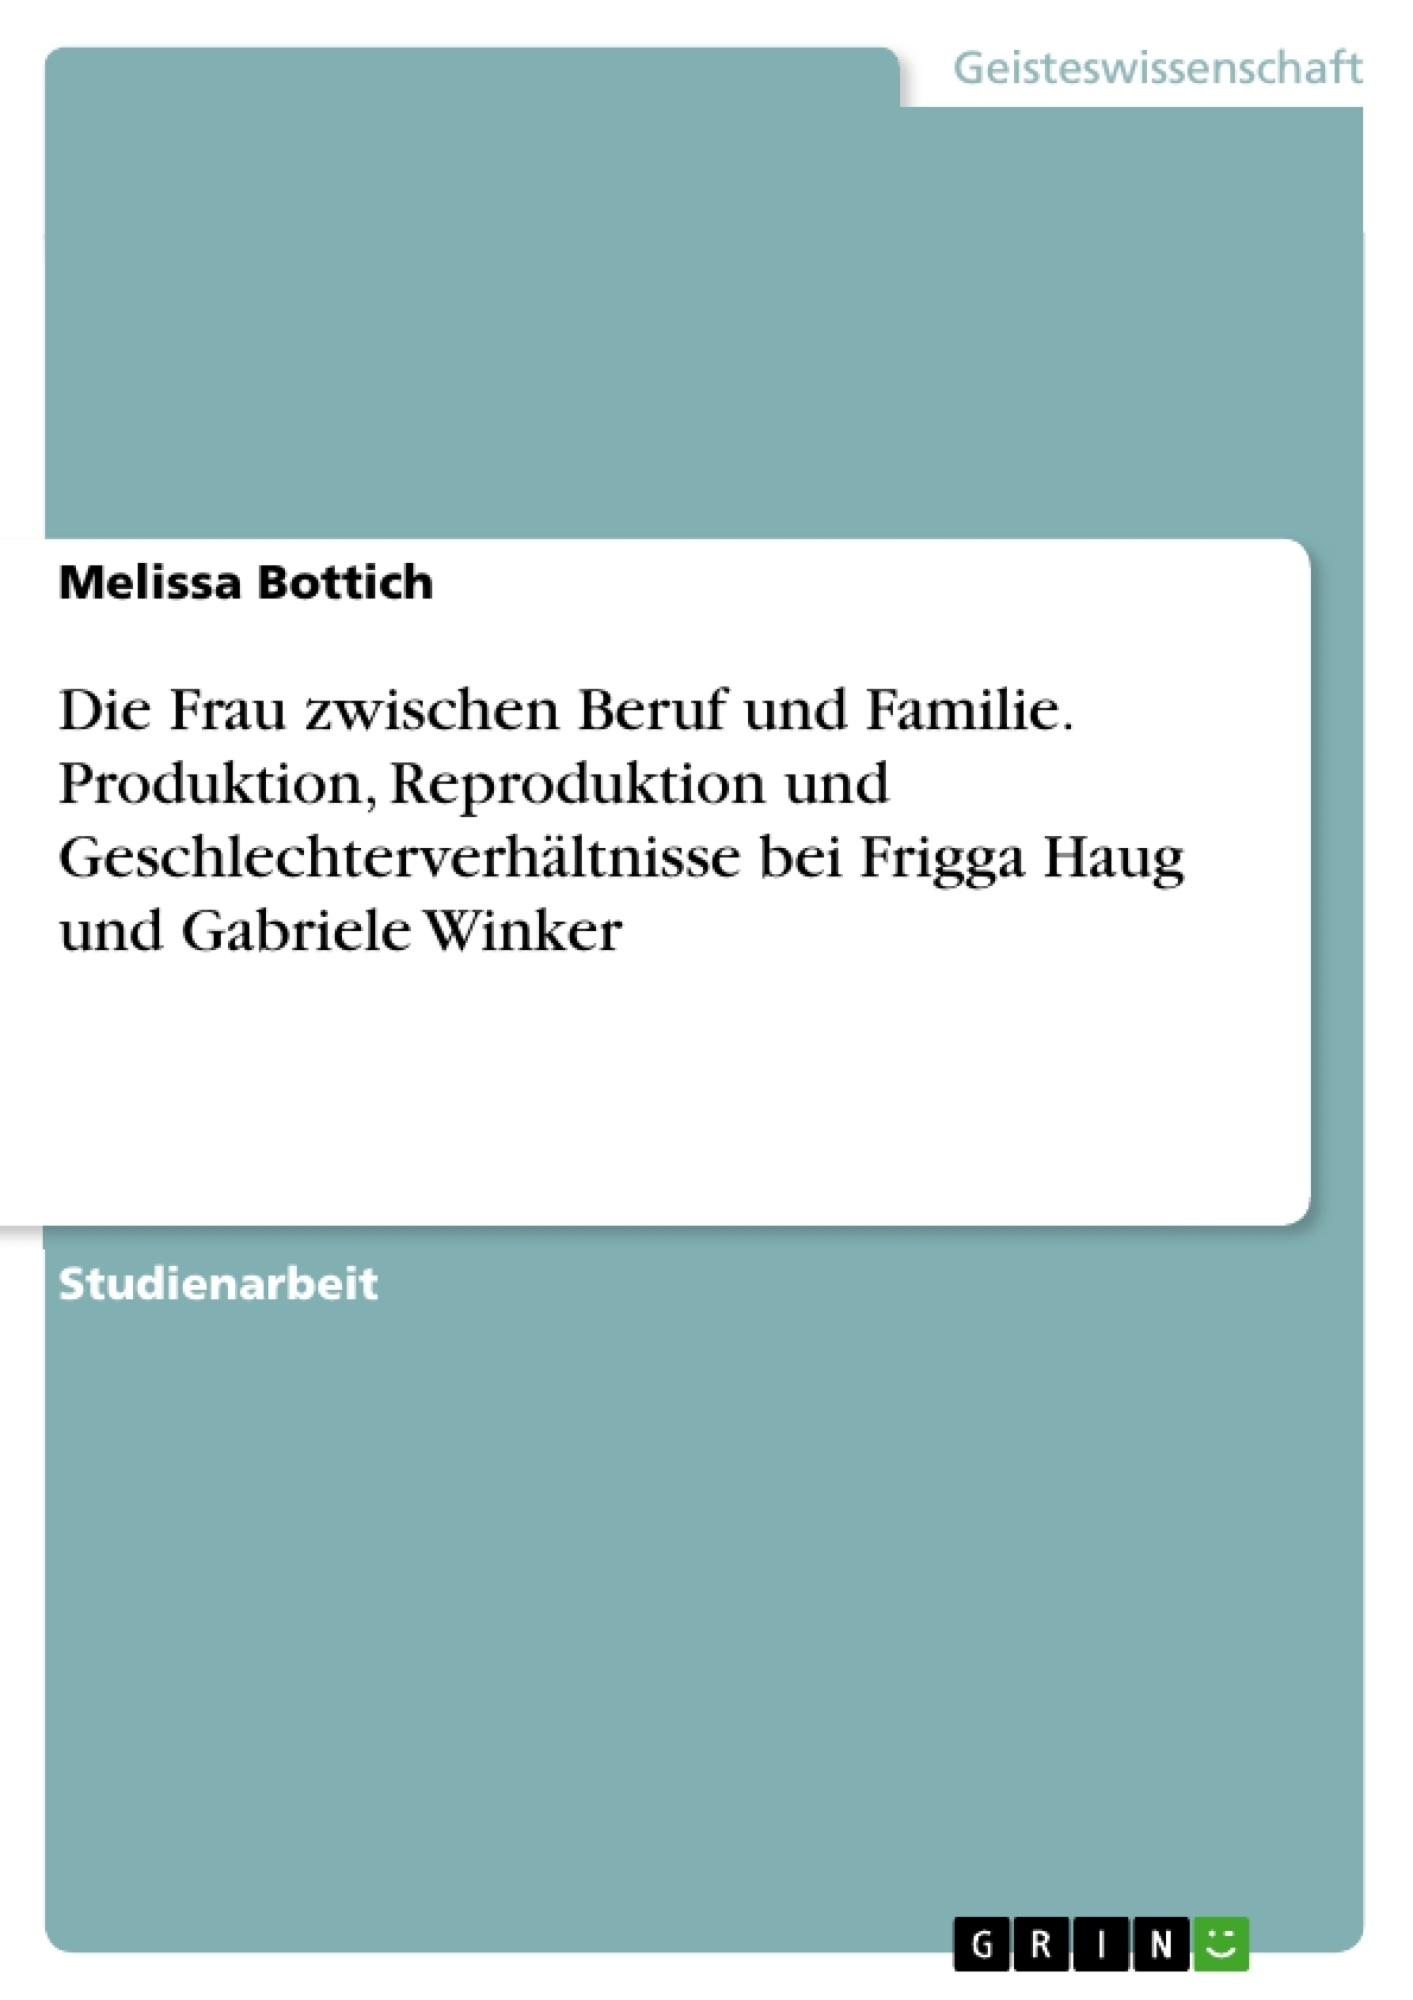 Titel: Die Frau zwischen Beruf und Familie. Produktion, Reproduktion und Geschlechterverhältnisse bei Frigga Haug und Gabriele Winker